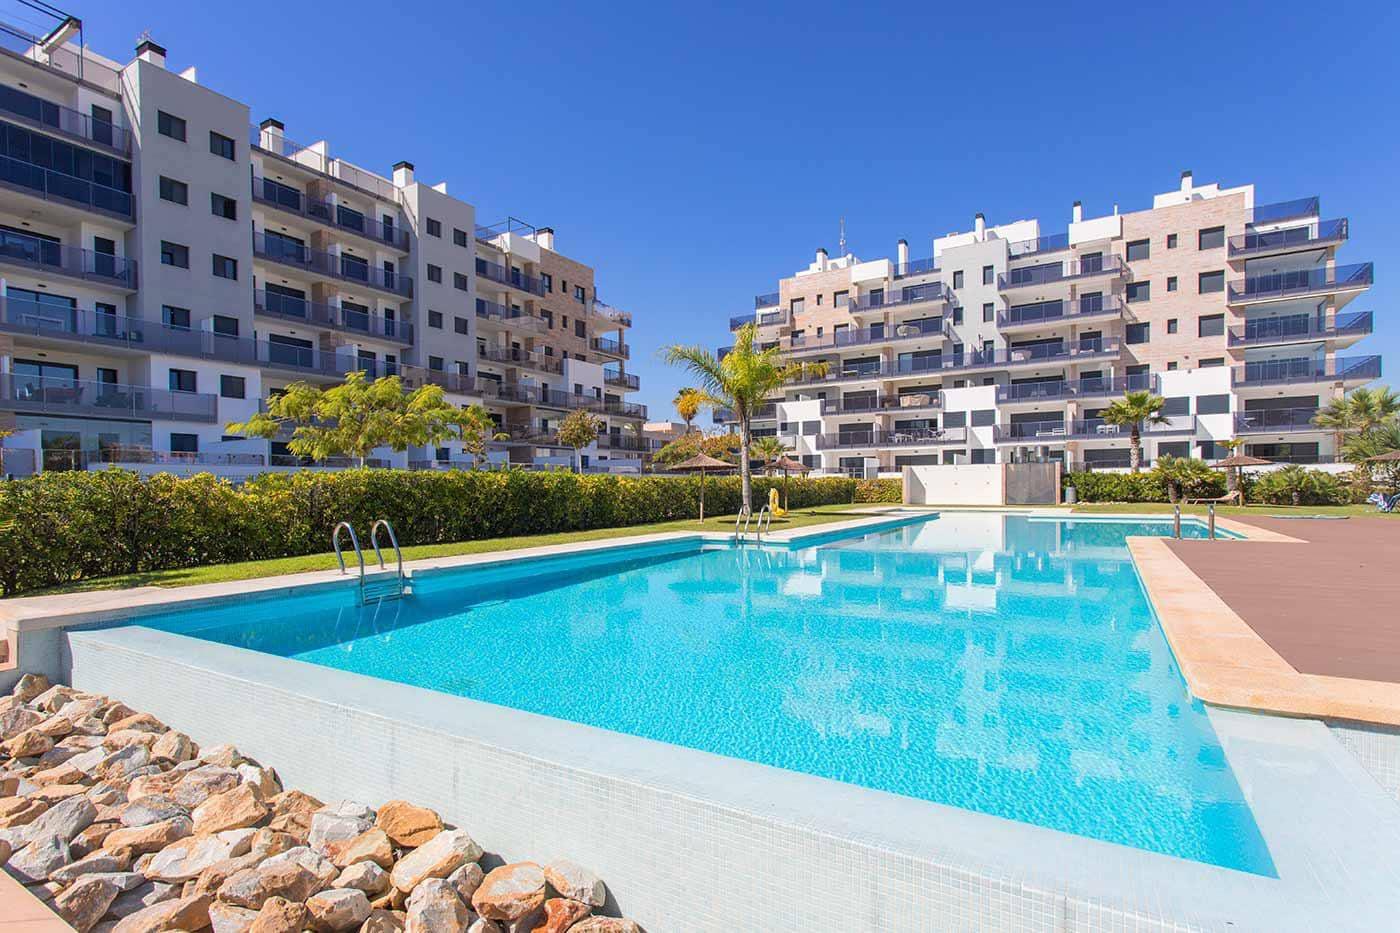 Piso de 3 habitaciones en Pilar de la Horadada en venta con piscina - 550.000 € (Ref: 3456451)